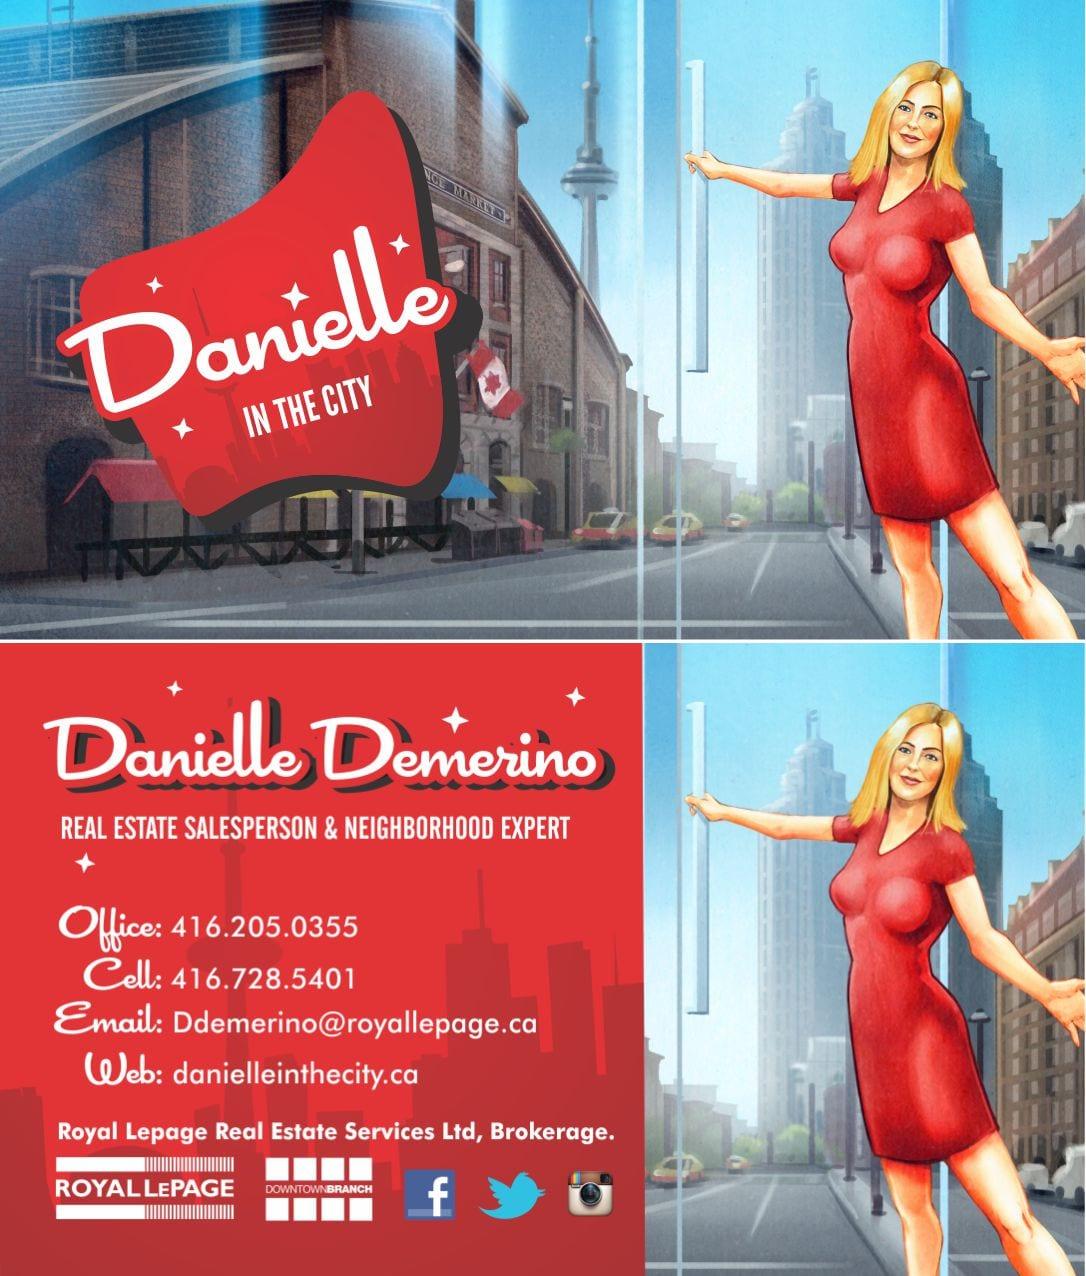 danielle_demerino_3